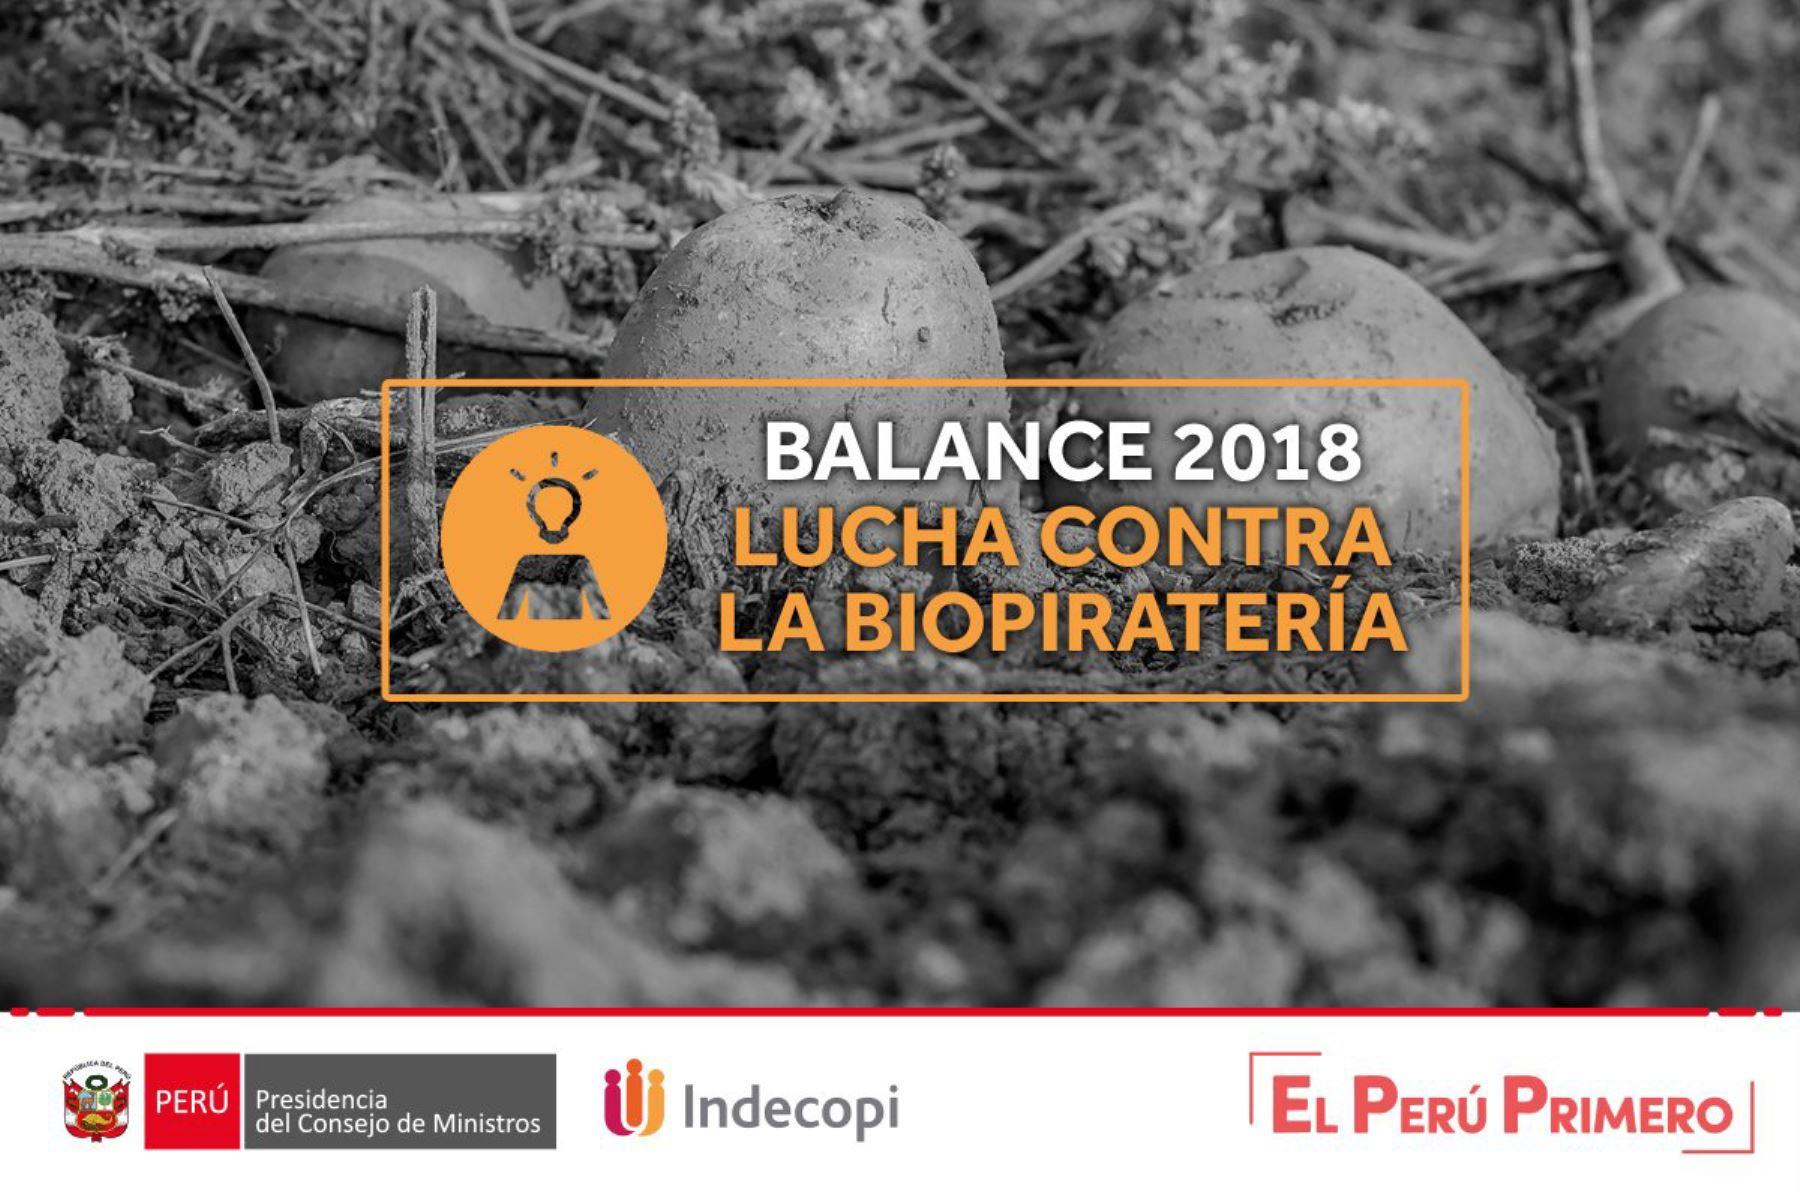 La Comisión Nacional contra la Biopiratería (CNB), presidida por el Instituto Nacional de Defensa de la Competencia y de la Protección de la Propiedad Intelectual (Indecopi), ganó durante 2018, a nivel mundial, 45 casos de biopiratería por uso indebido de conocimientos tradicionales vinculados con recursos biológicos peruanos.